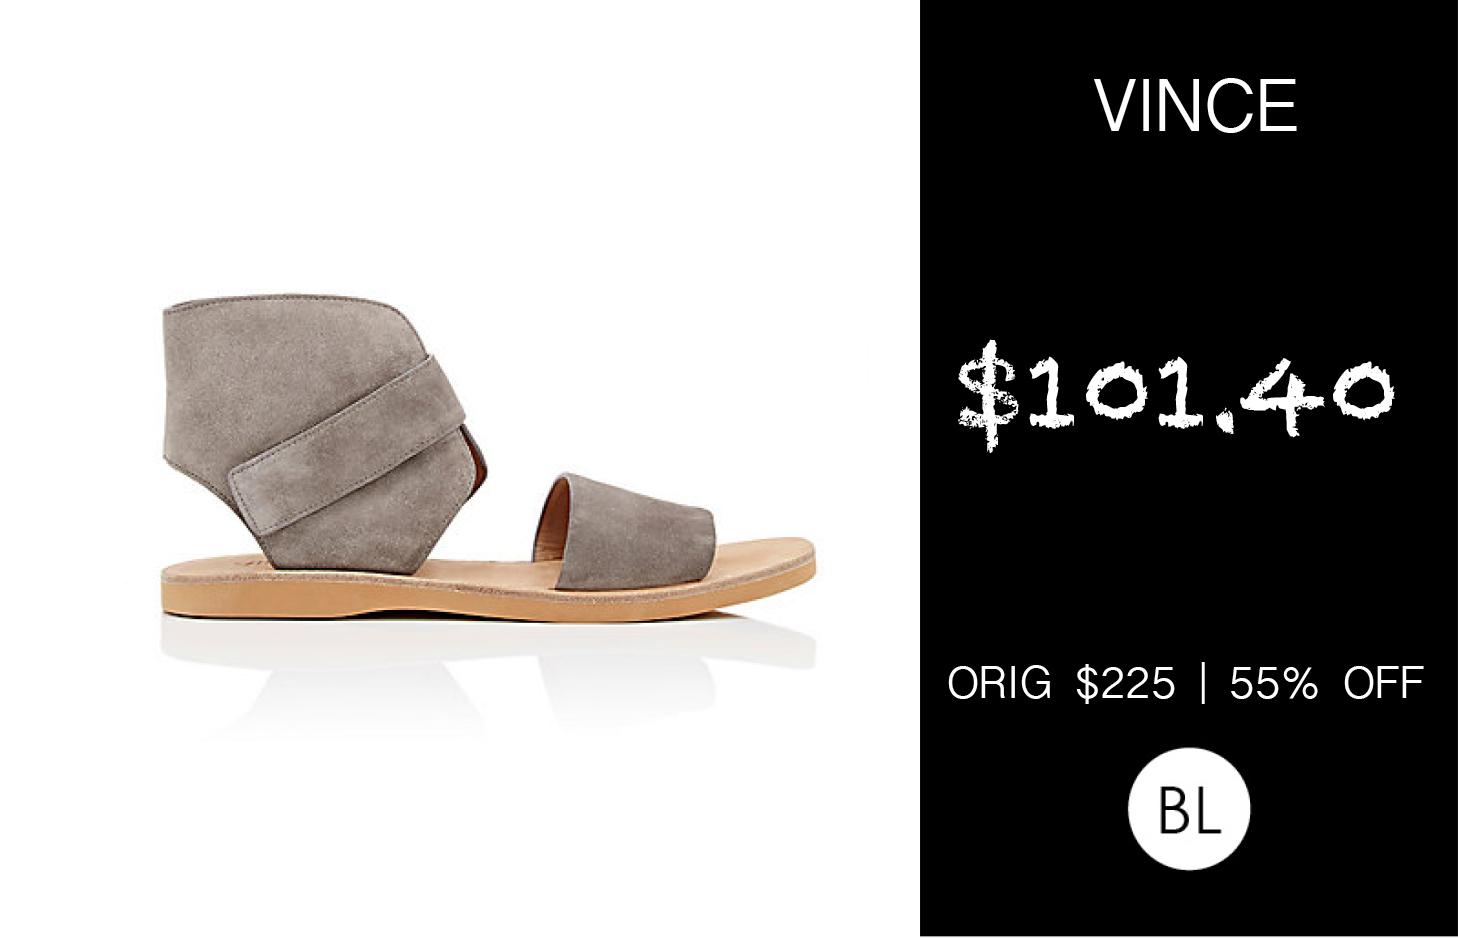 Vince Sage Sandal $101.40 | ORIG $225 | 55% OFF